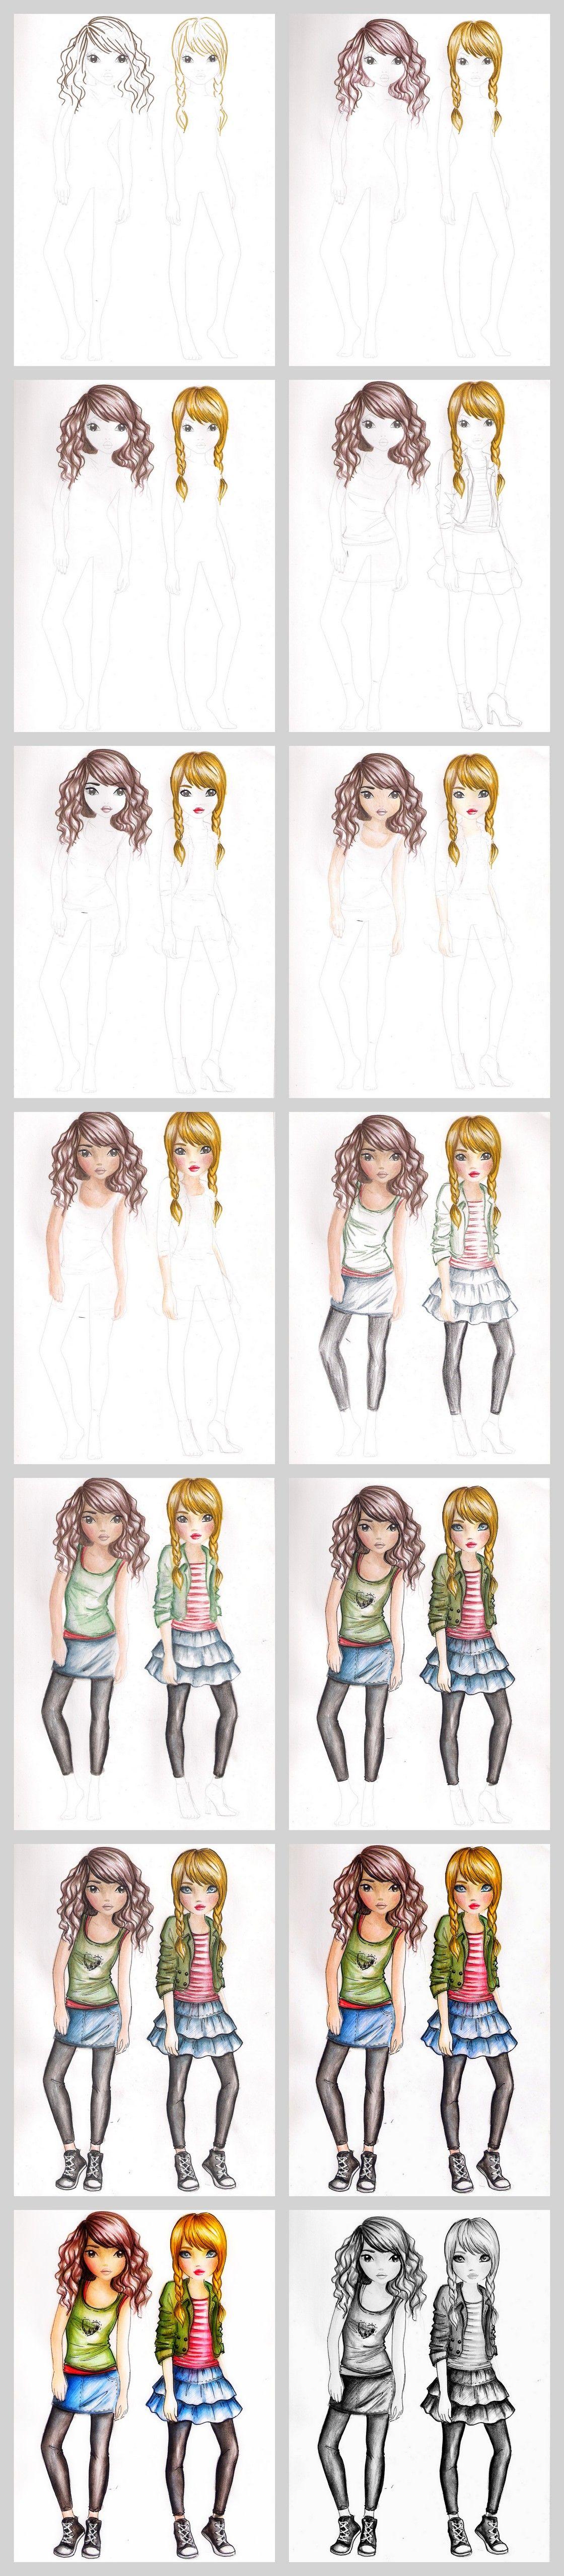 Ausmalbilder Topmodel Talita : Topmodel Drawing Tutorial By Funandcake Ausmalbilder Topmodel